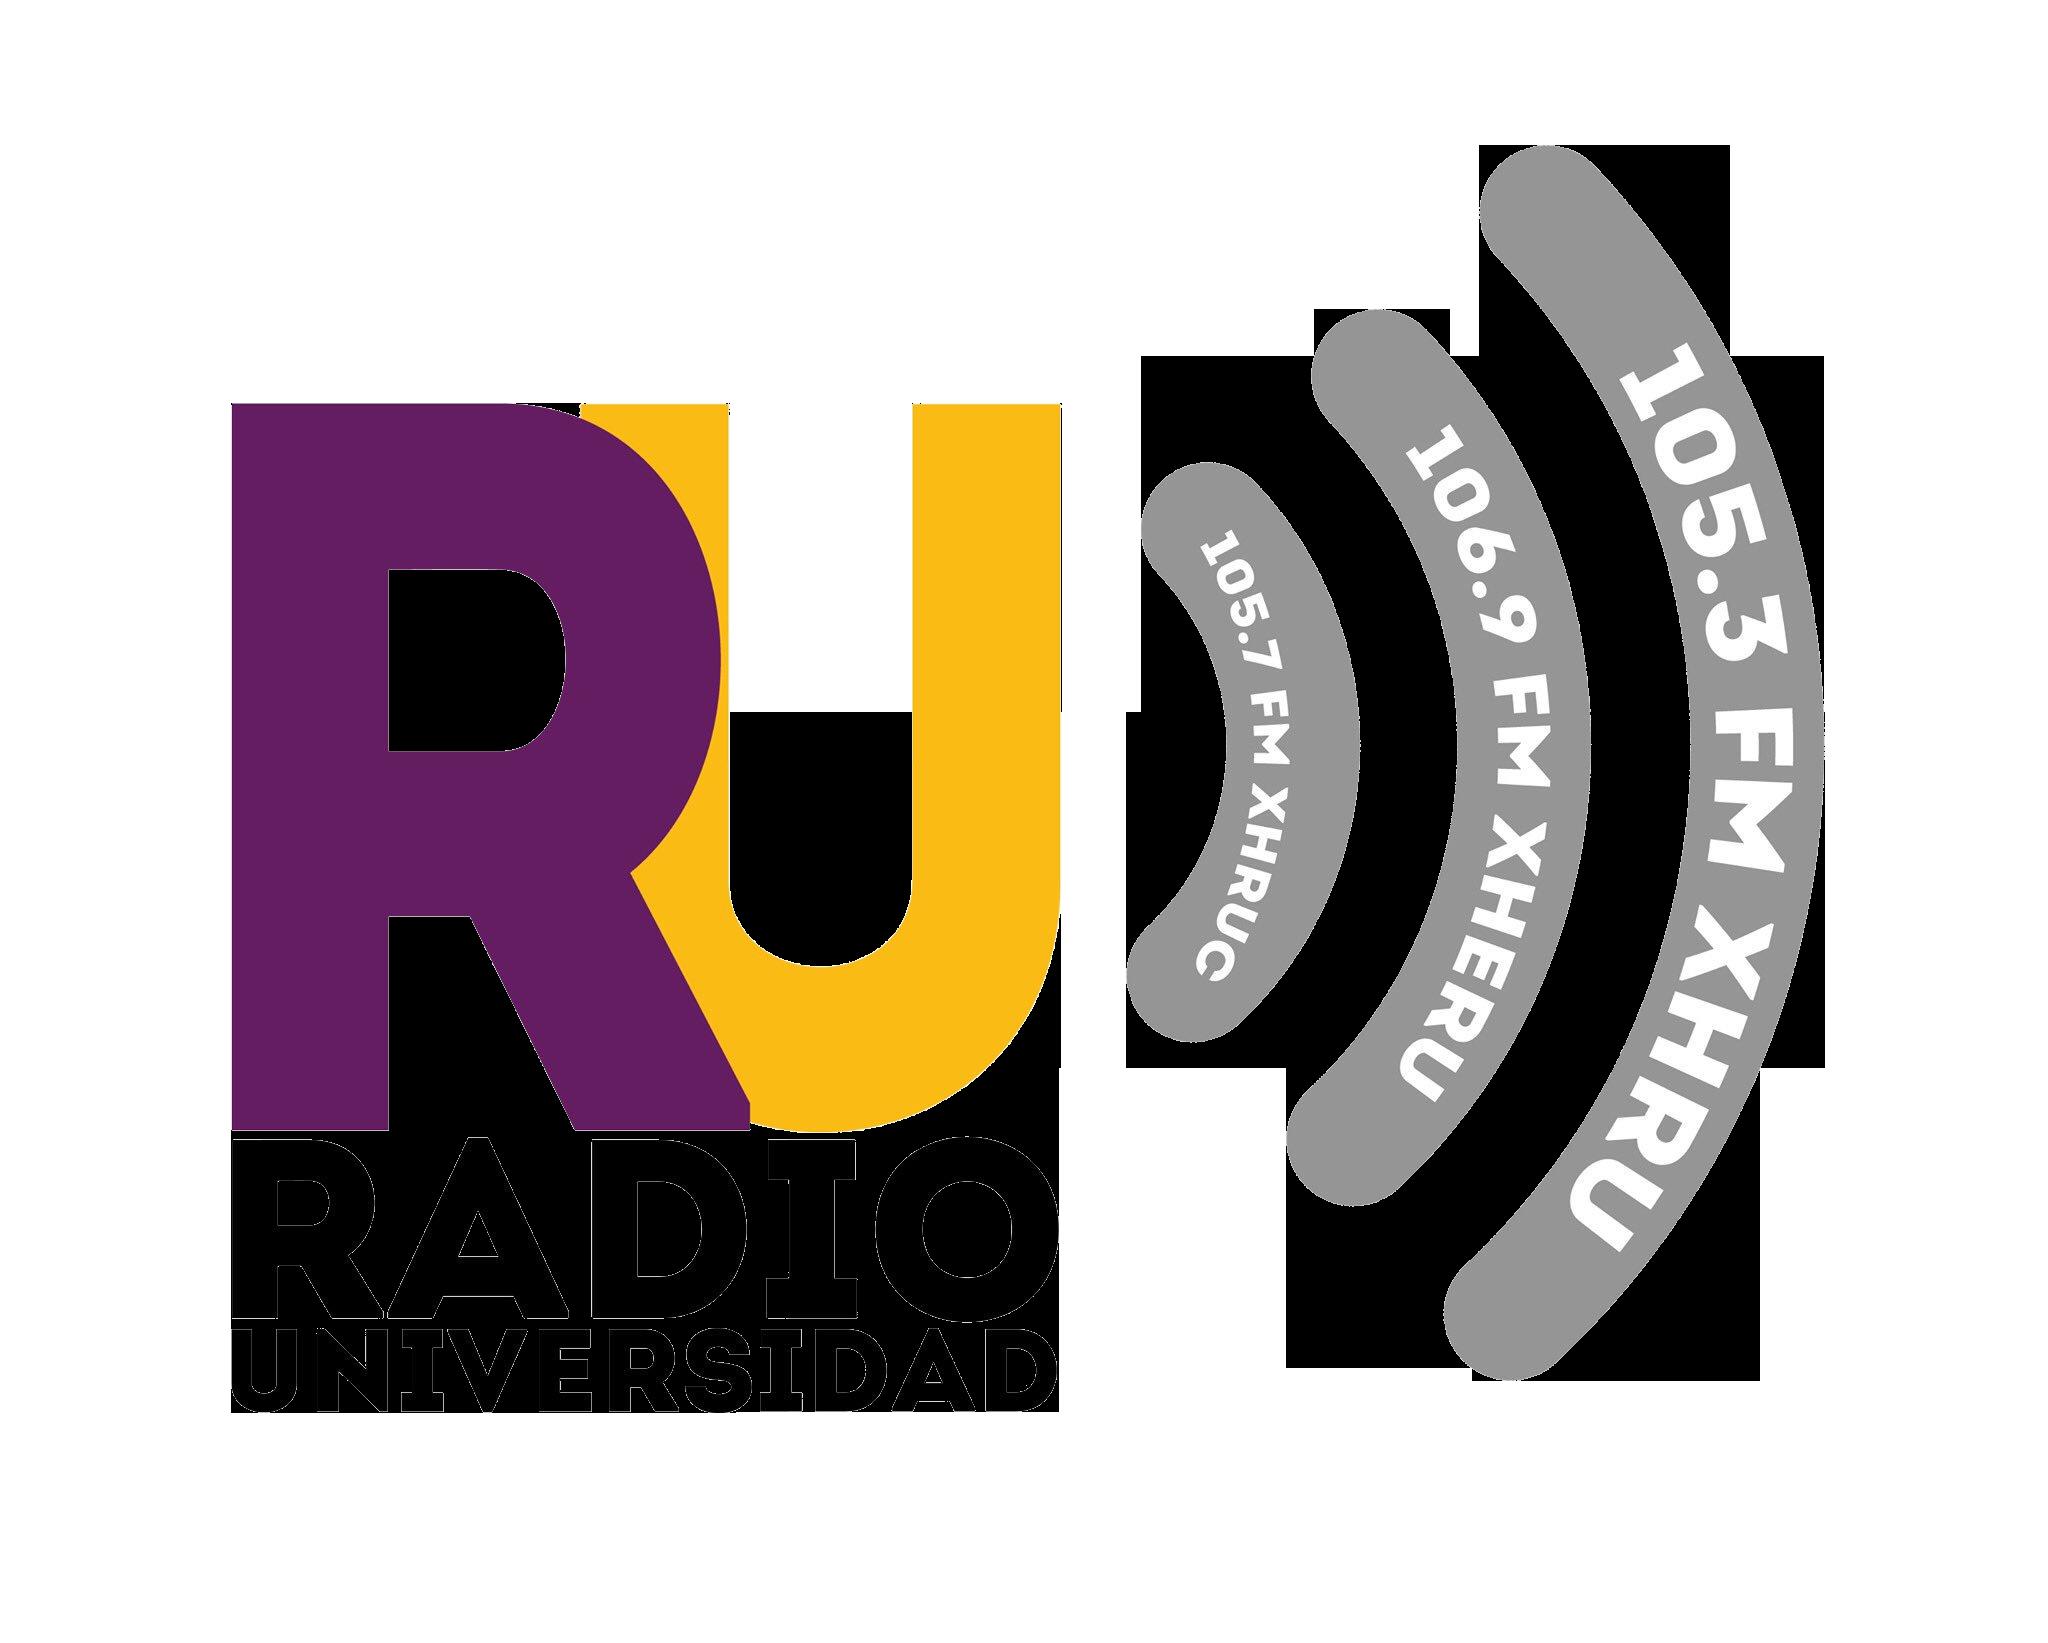 filelogo radio universidad uachpng wikimedia commons